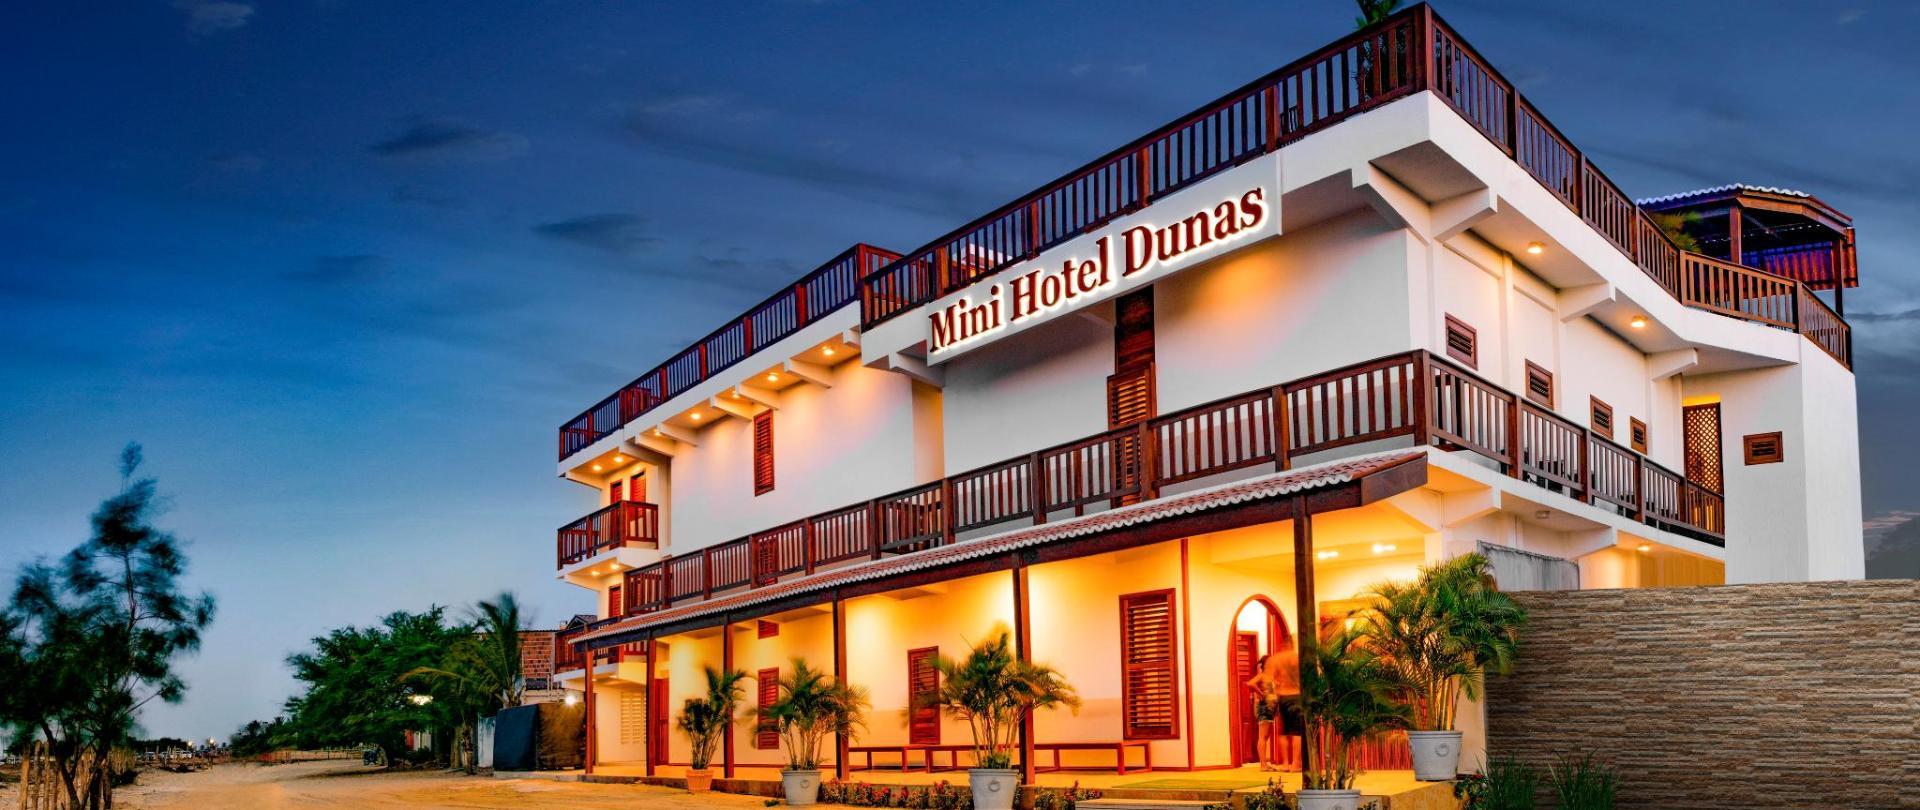 Site oficial Mini Hotel Dunas | Hotéis em Jericoacoara